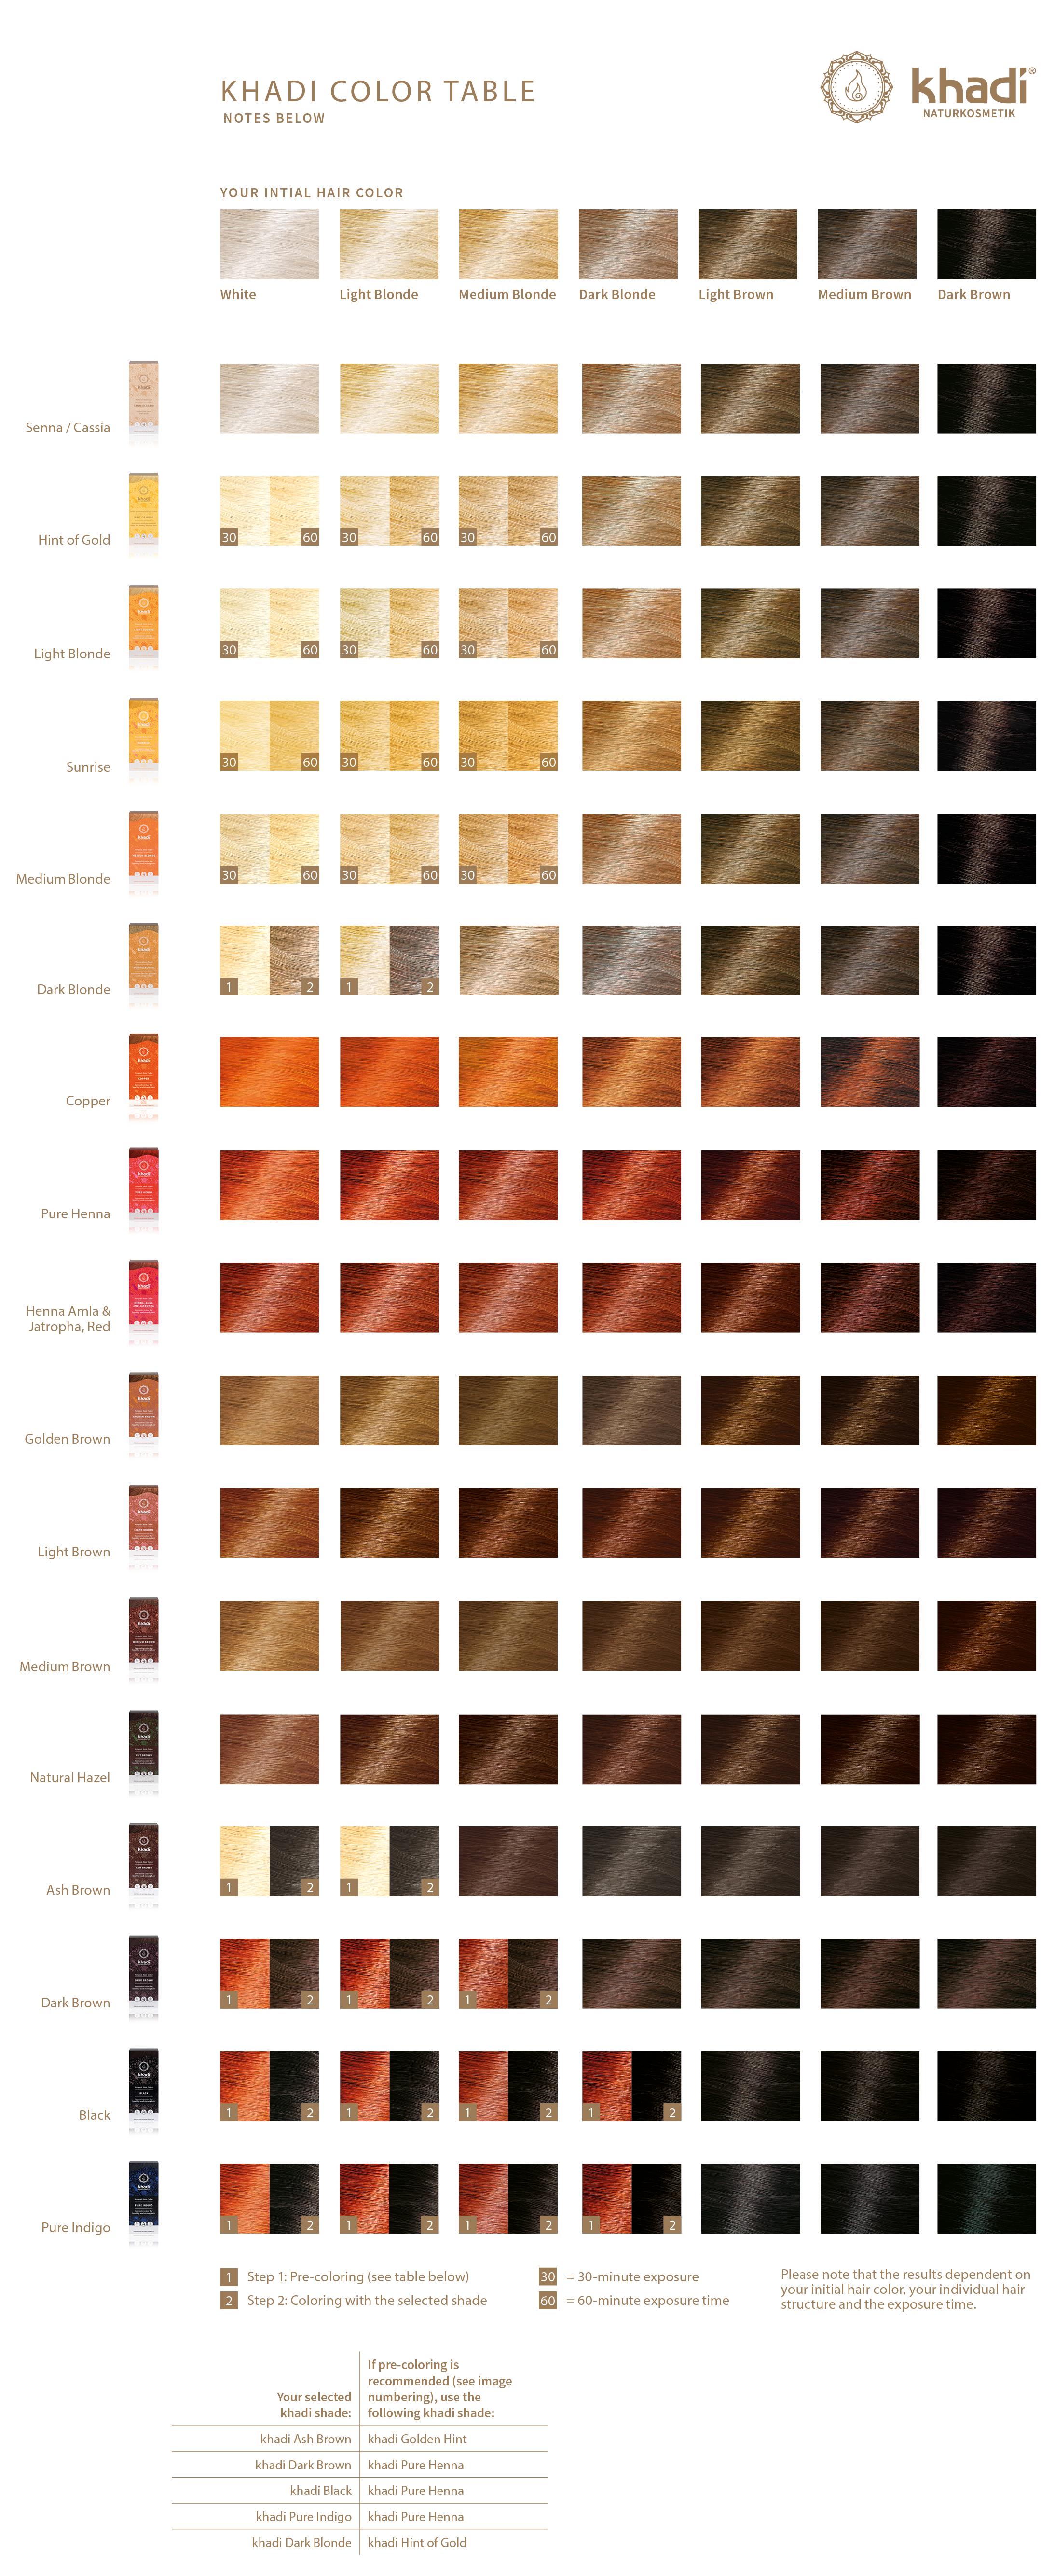 Färga ditt hår naturligt